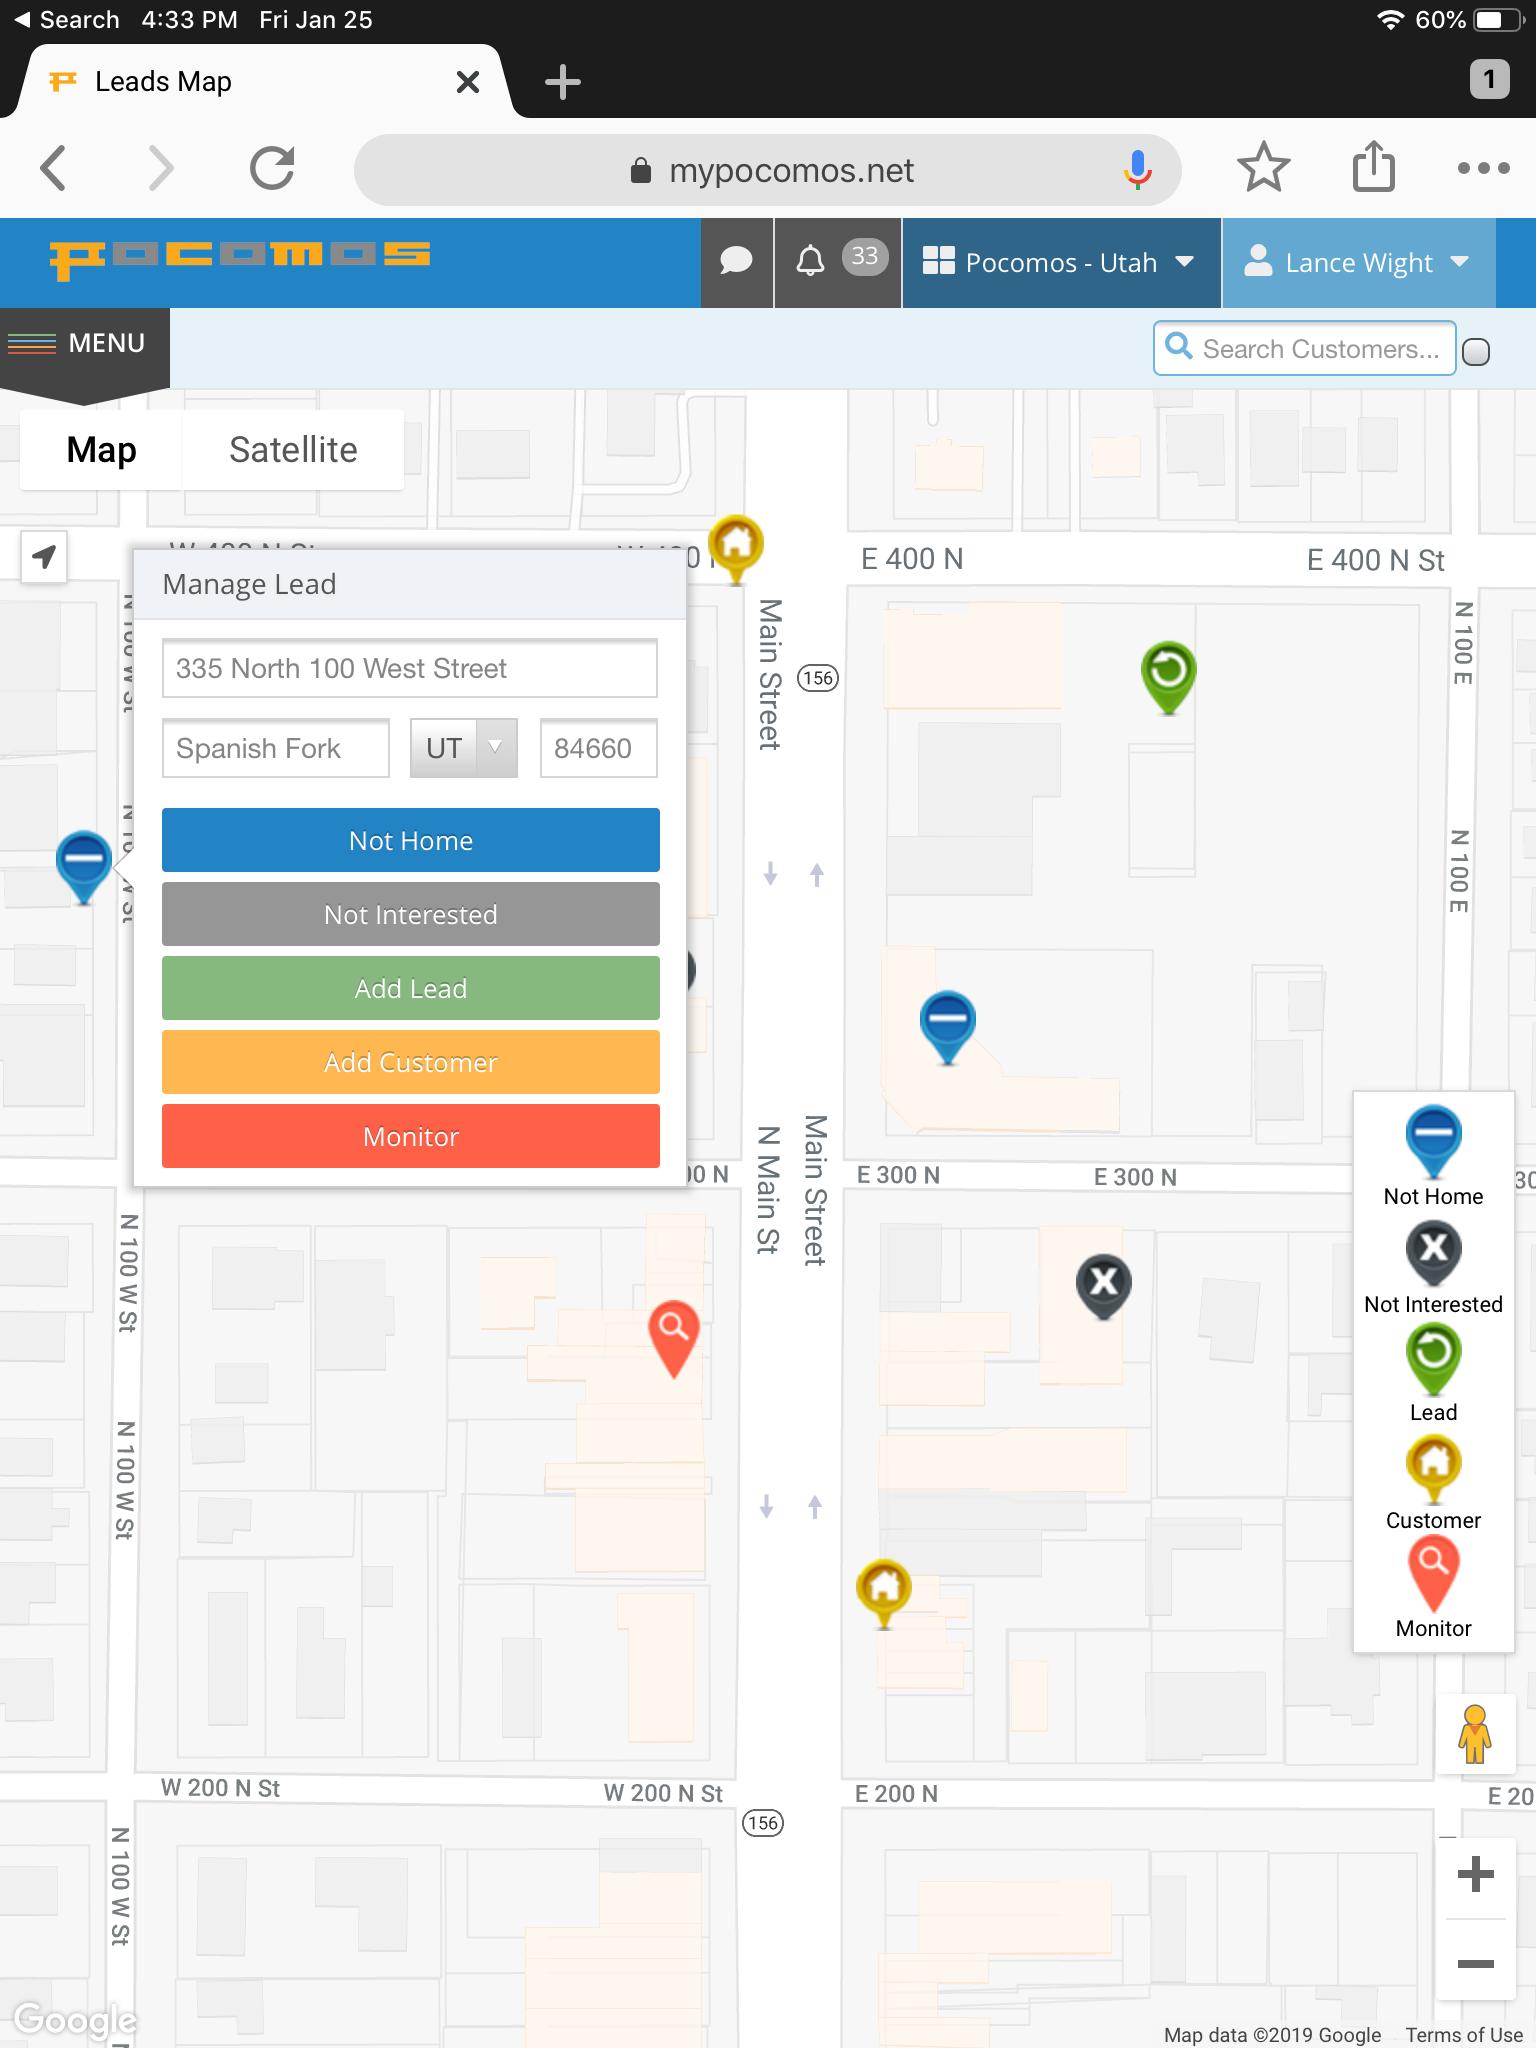 Pocomos Demo - Door-to-door lead tracking